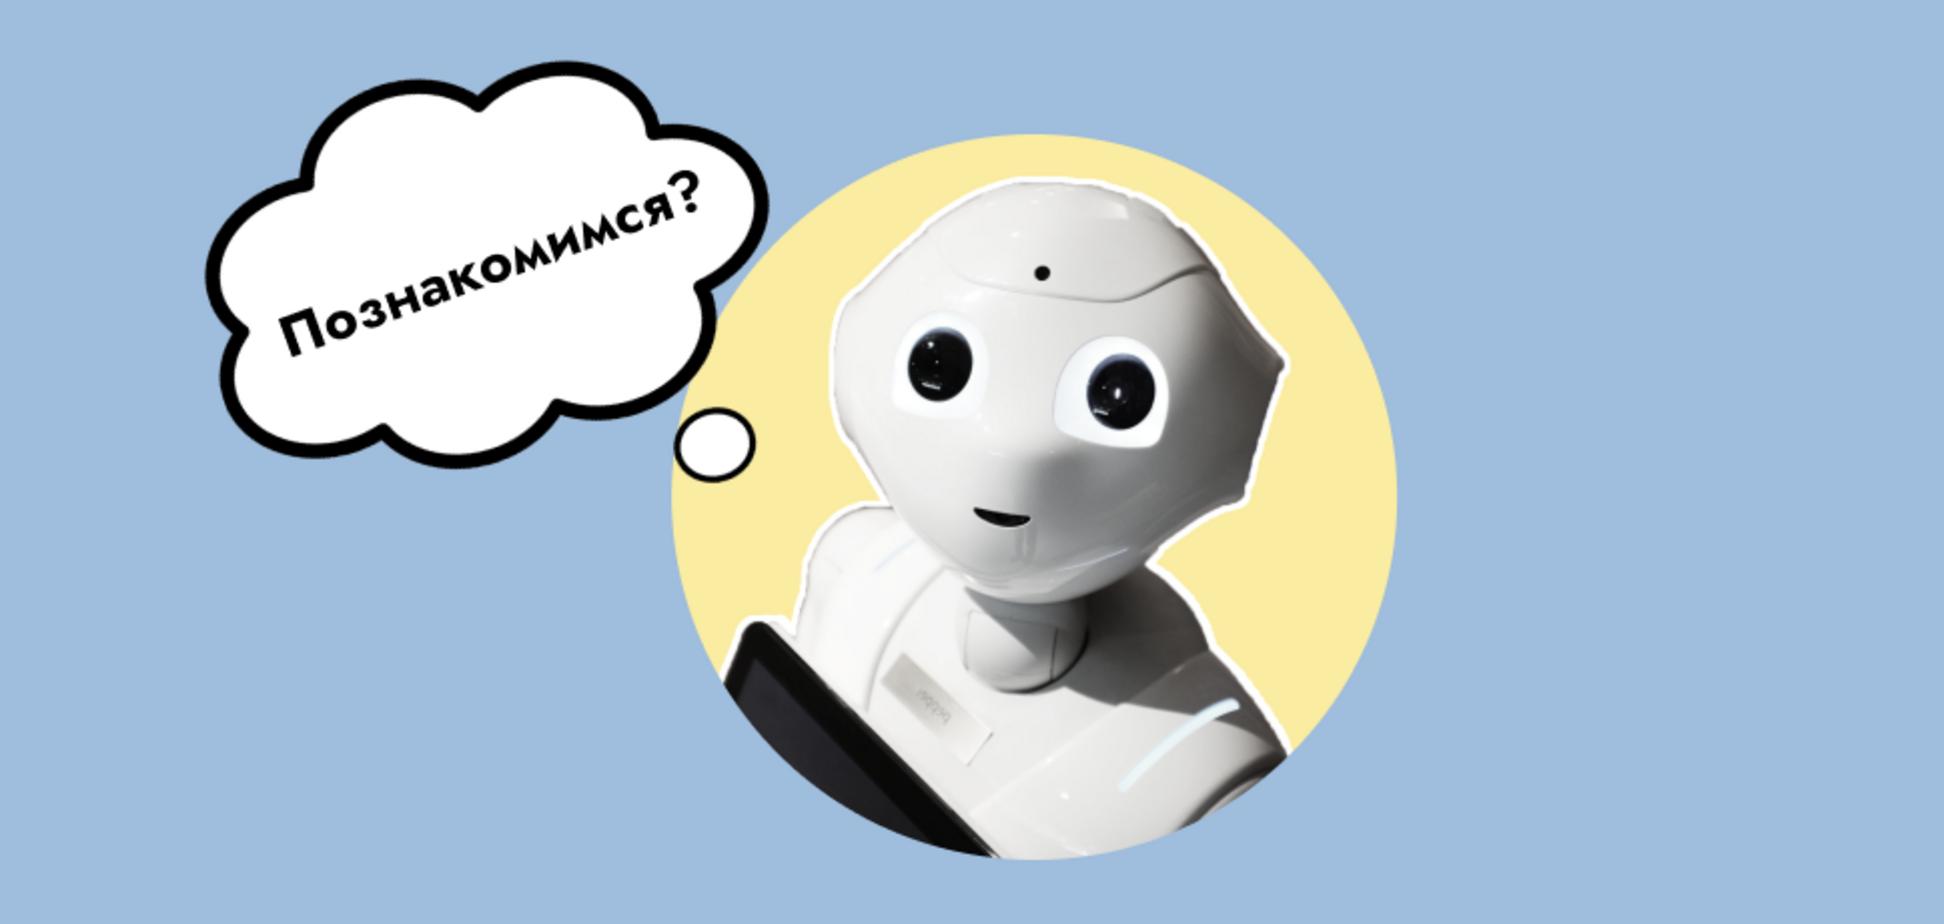 Как сохранить работу и начать зарабатывать больше в эпоху роботизации